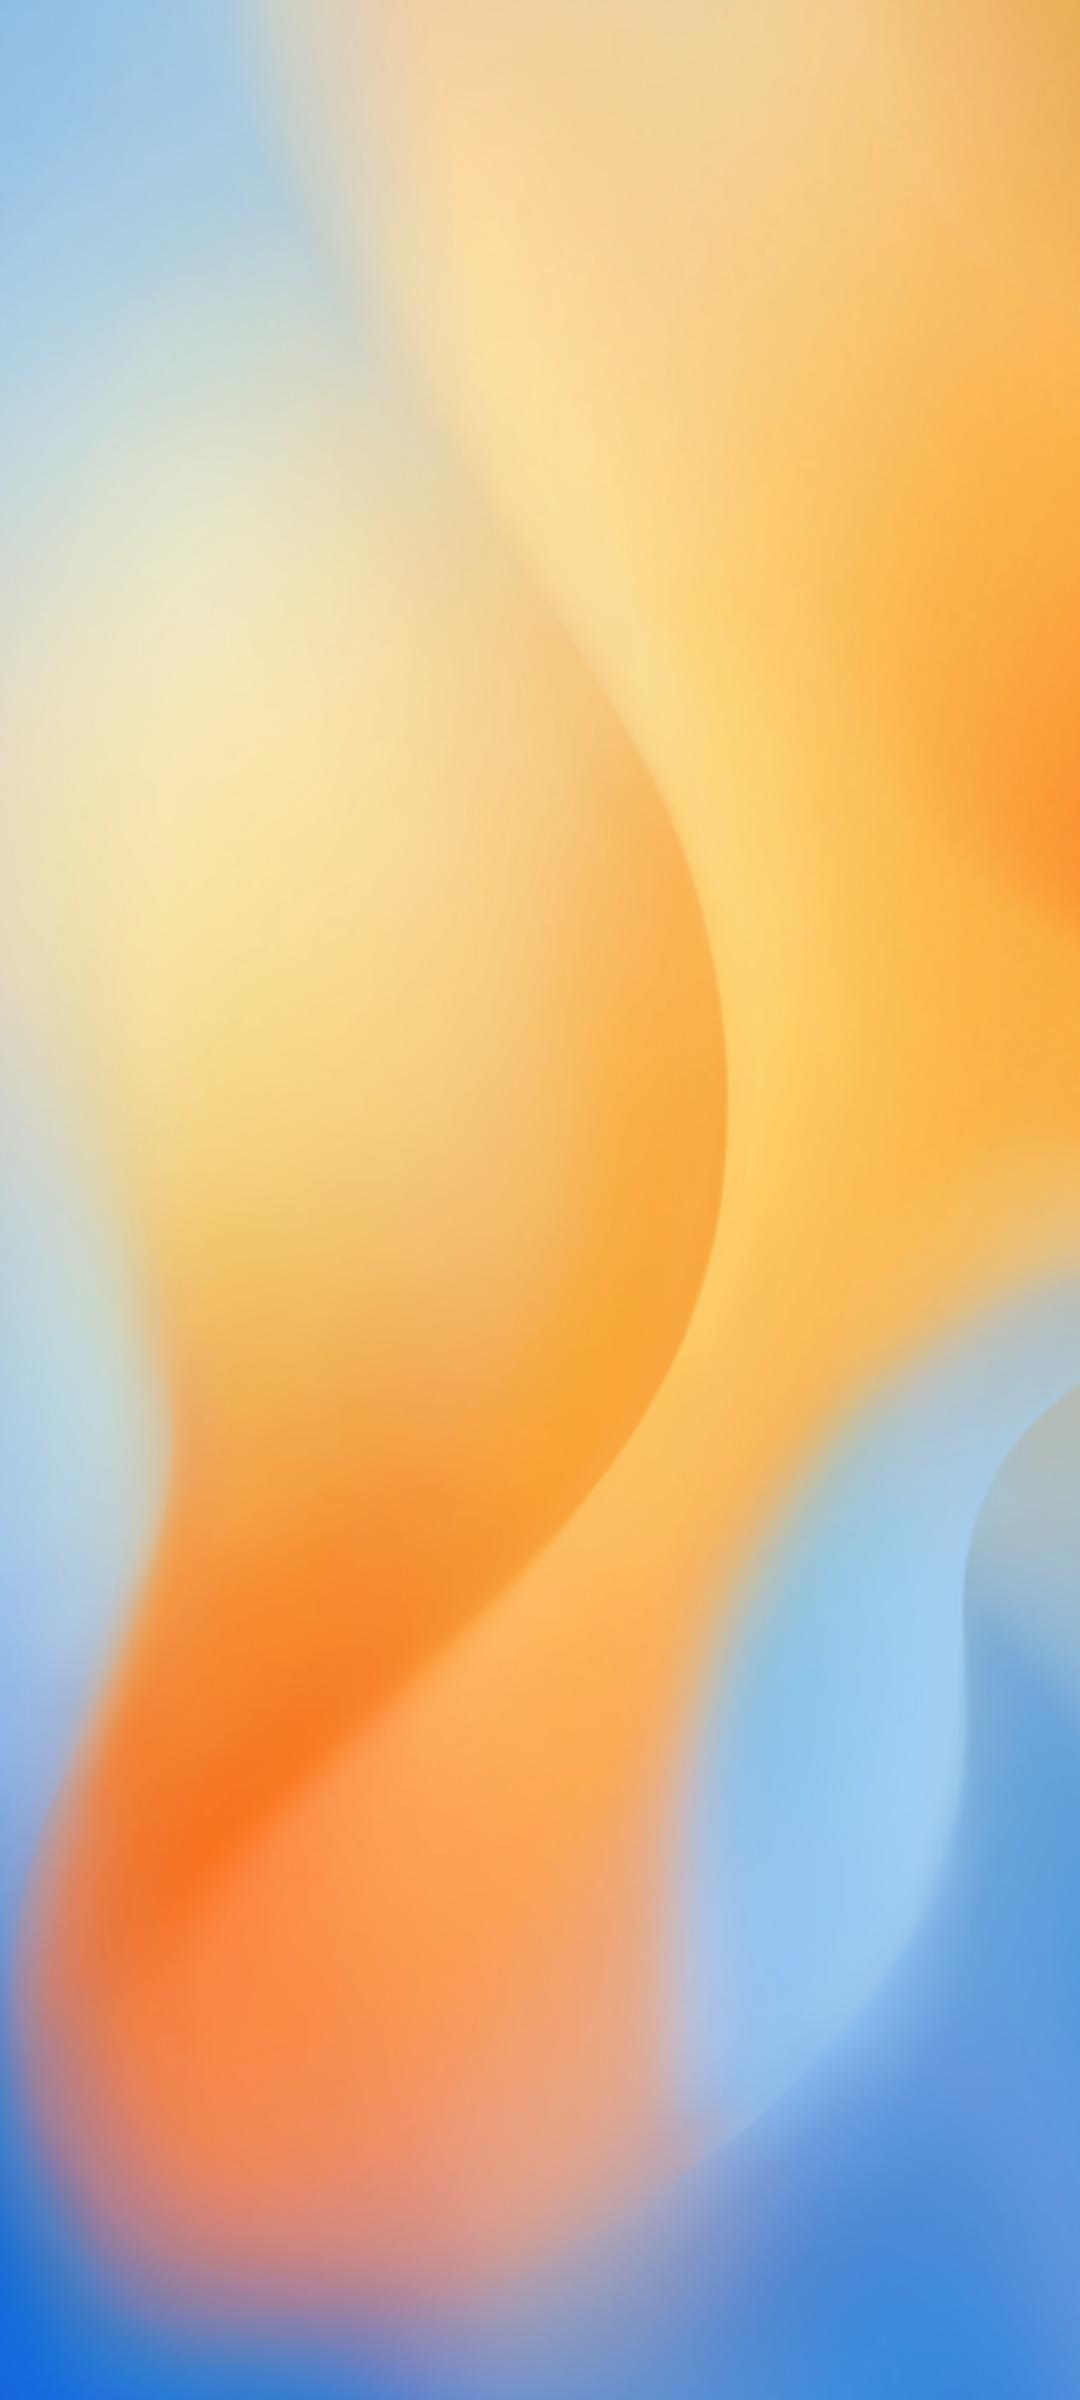 Vivo X50 Pro Wallpaper YTECHB Exclusive Stock wallpaper 1080x2400